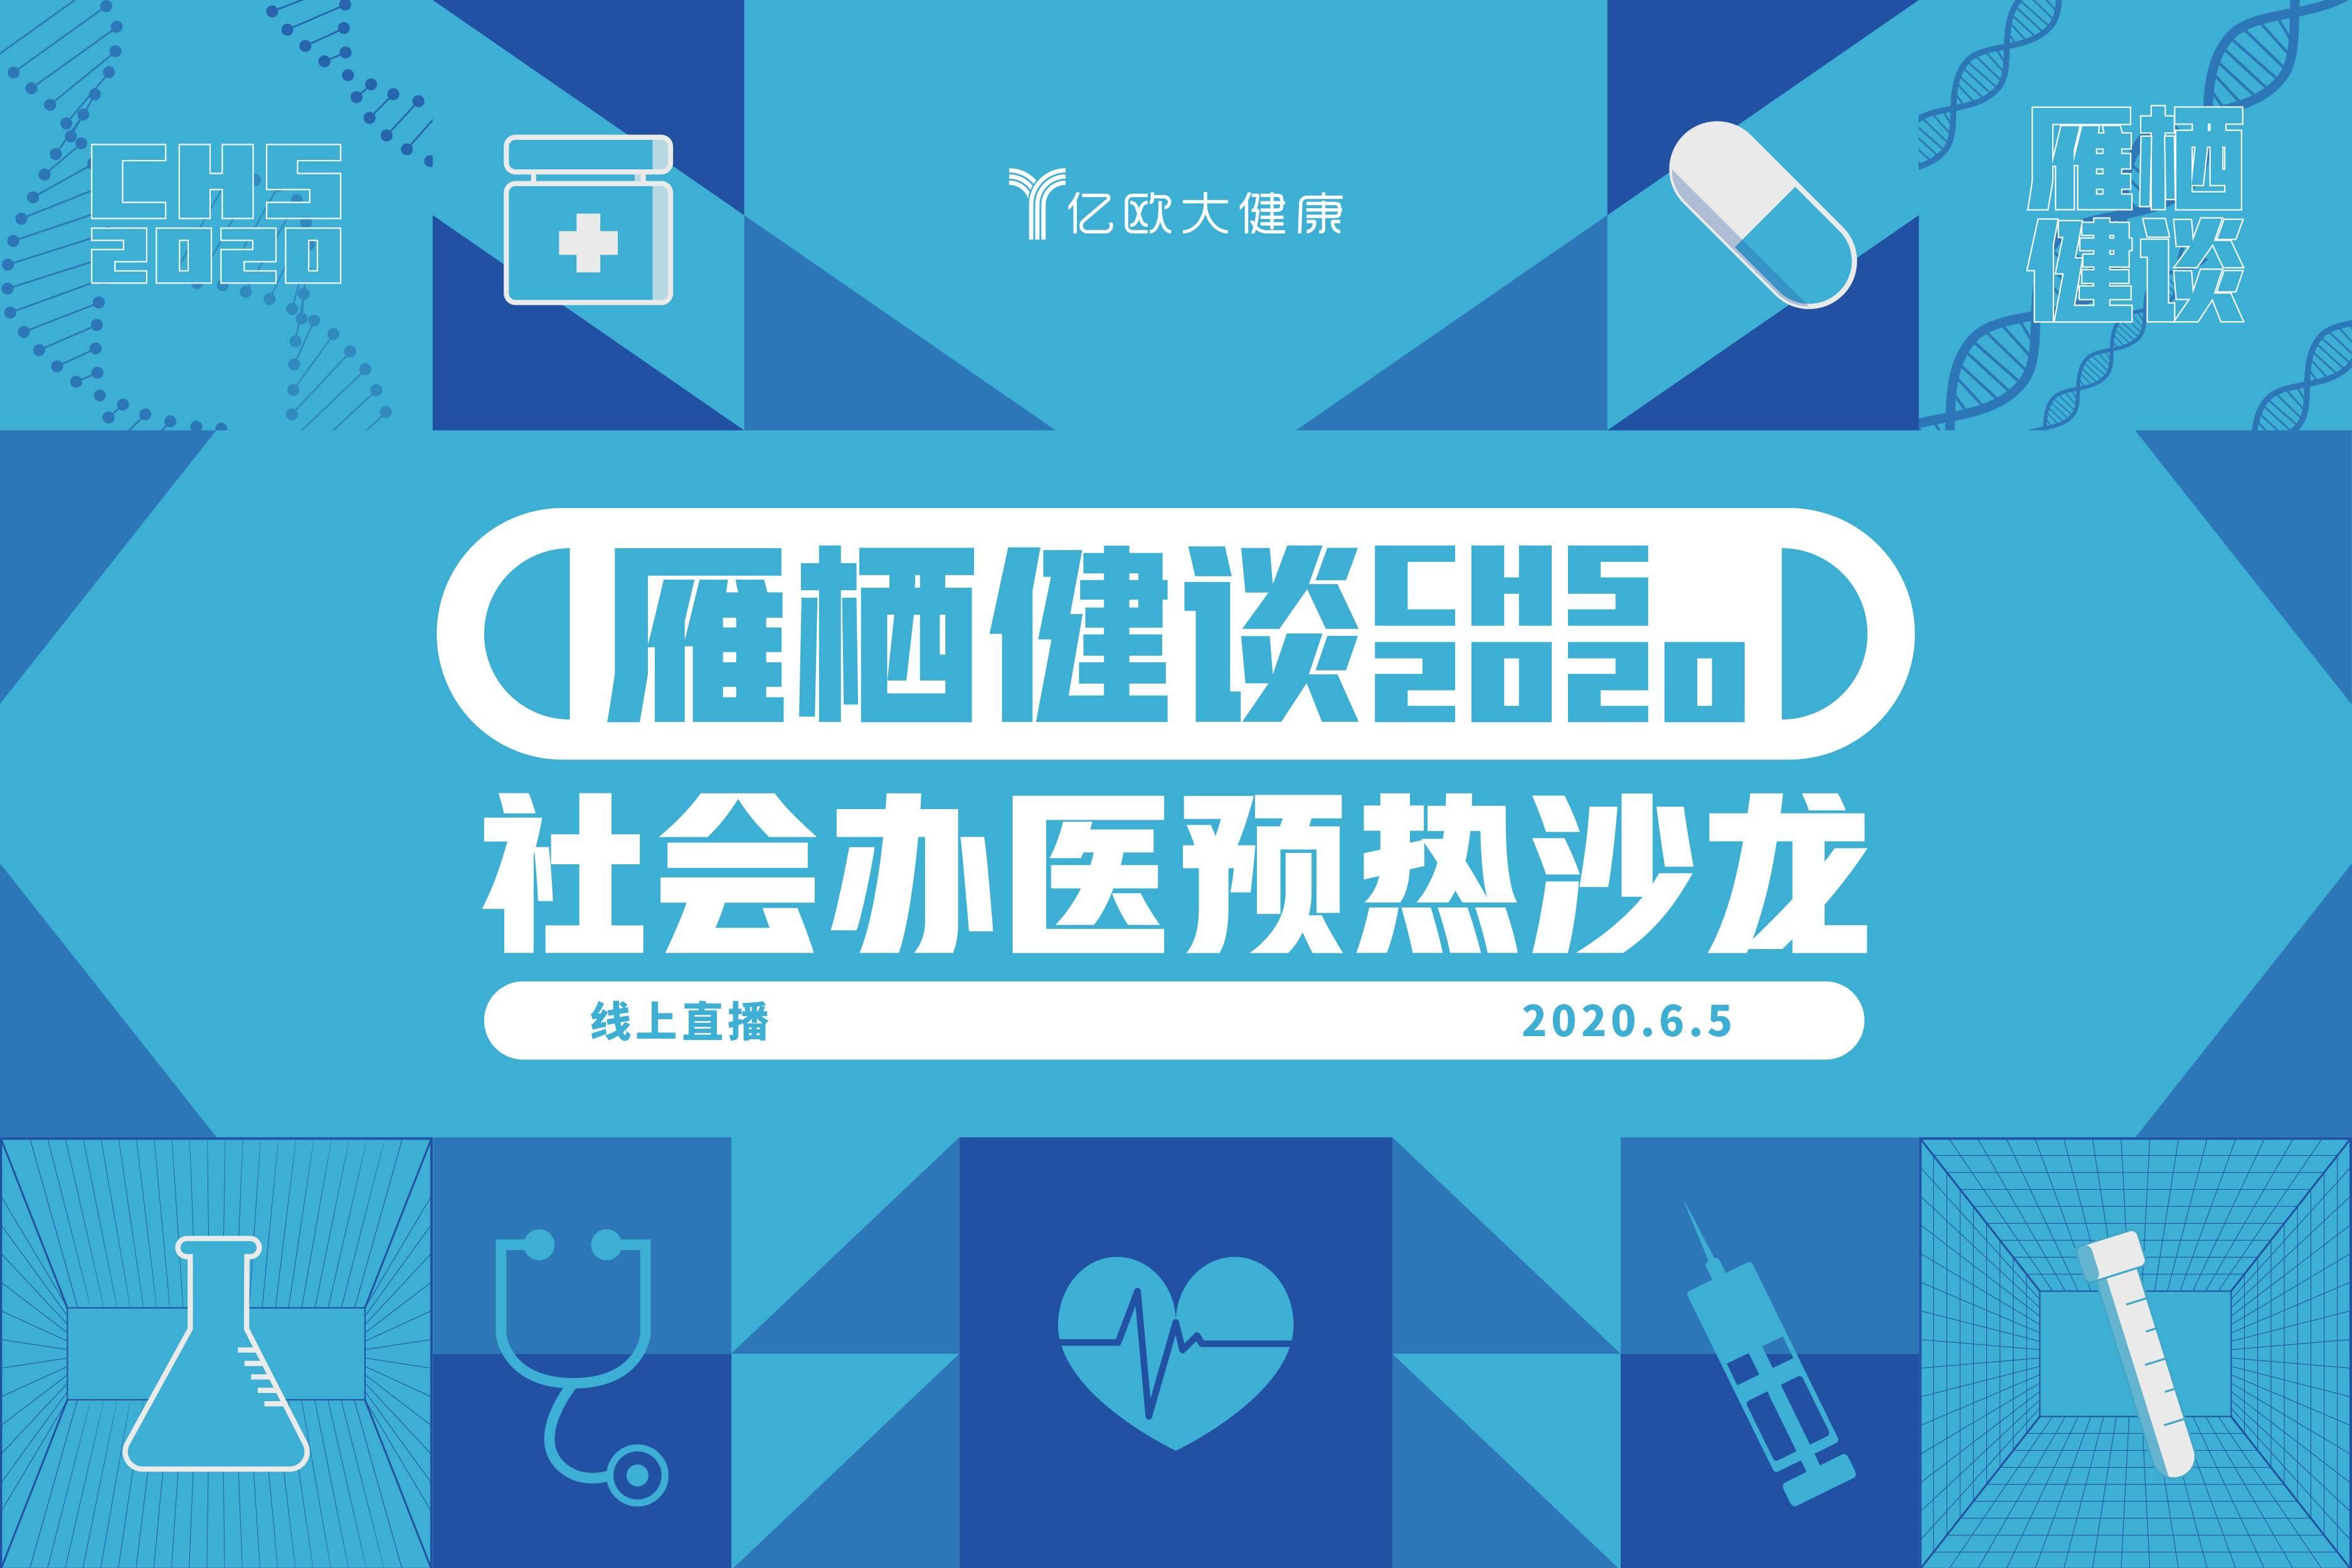 雁栖健谈 · 社会办医预热沙龙X线上直播